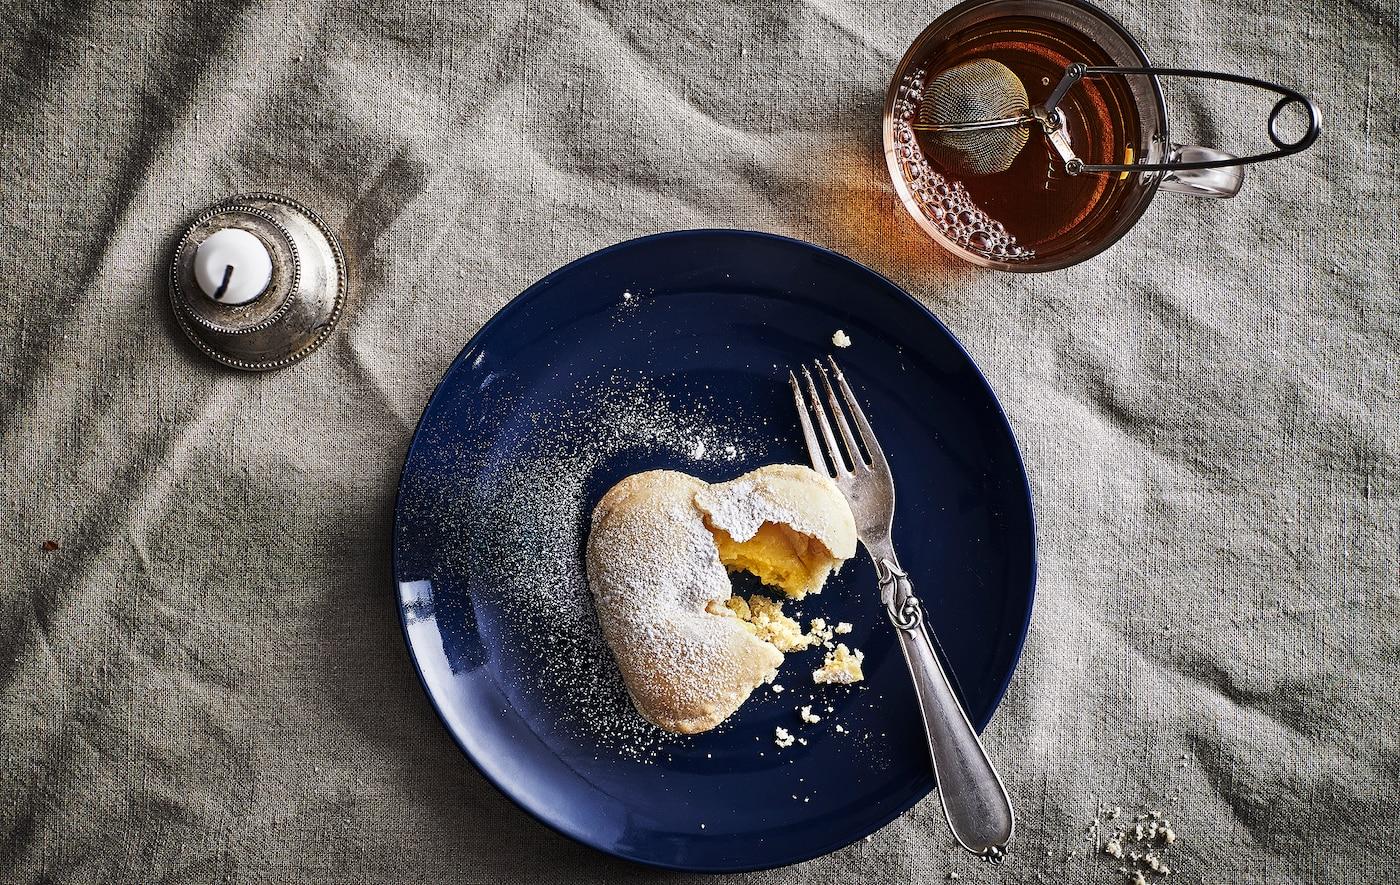 Keksić od vanilije u obliku srca i vilica na tamnoplavom tanjuru, šalica čaja i svijeća.